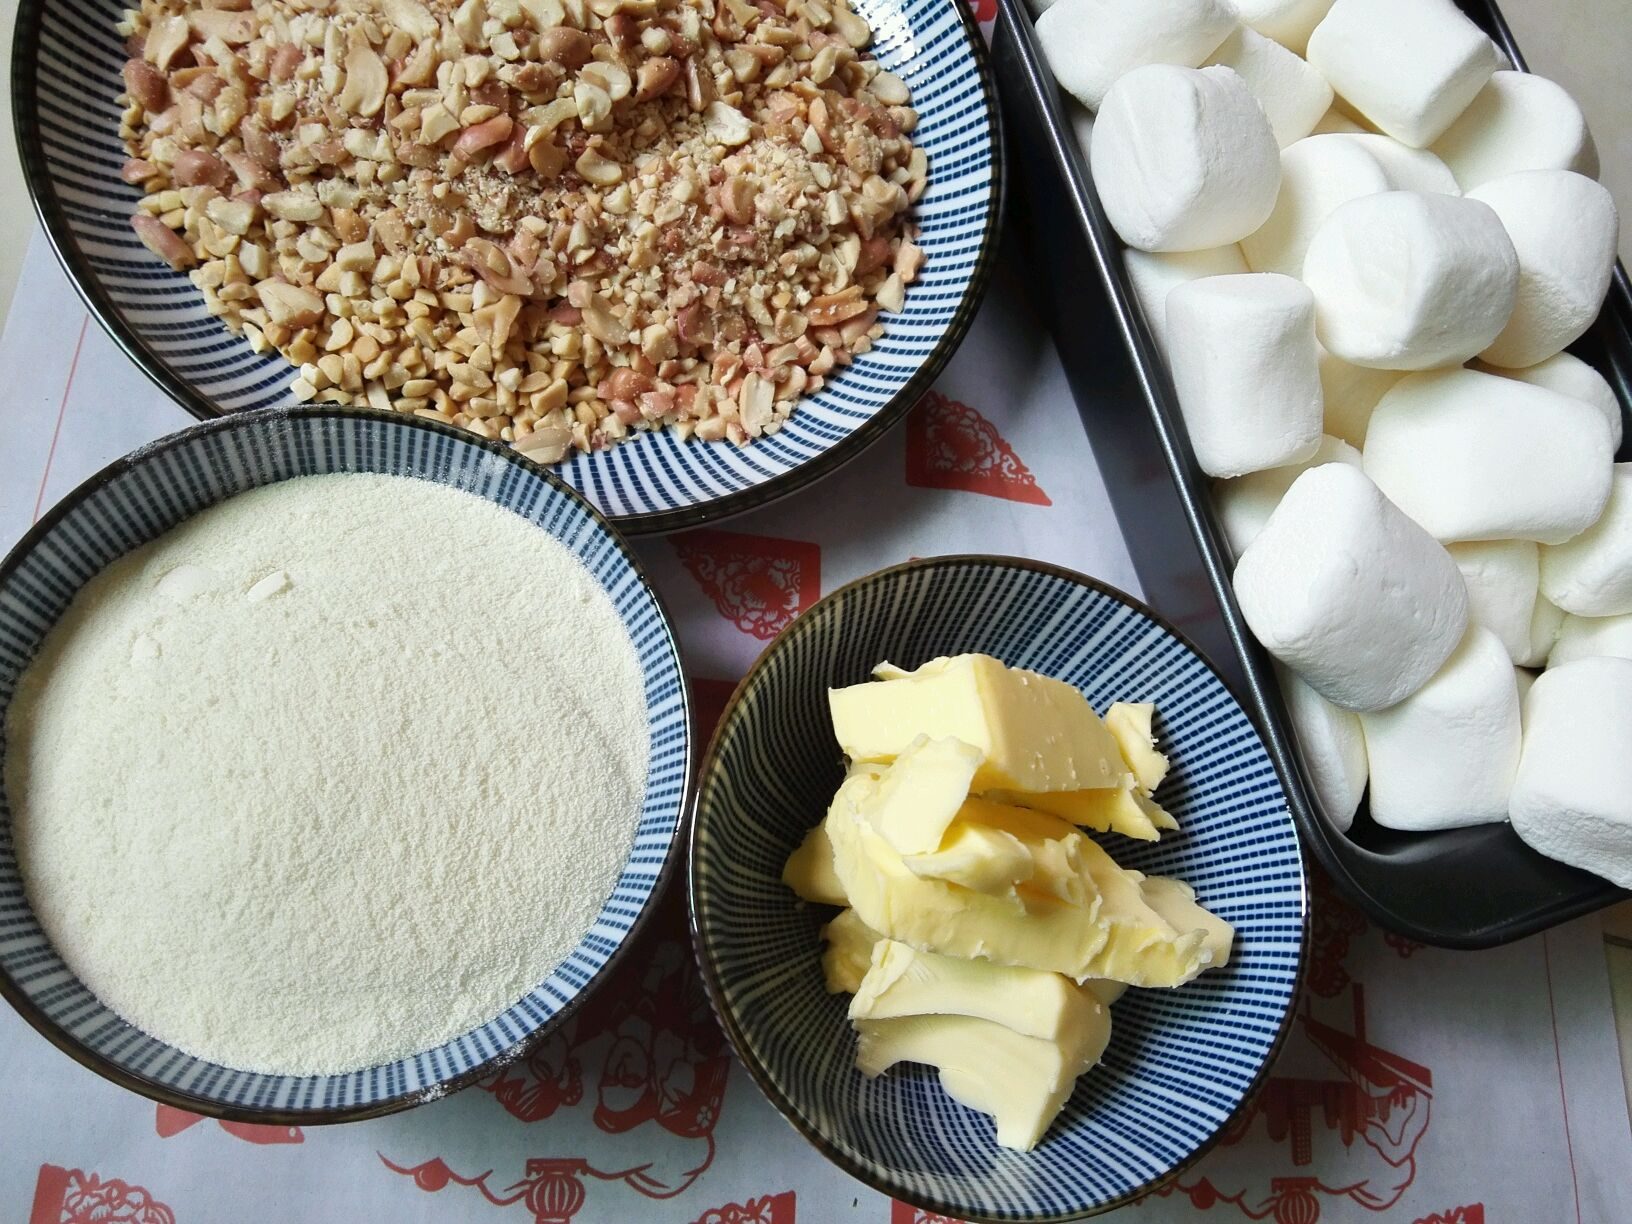 手工牛轧糖的做法步骤